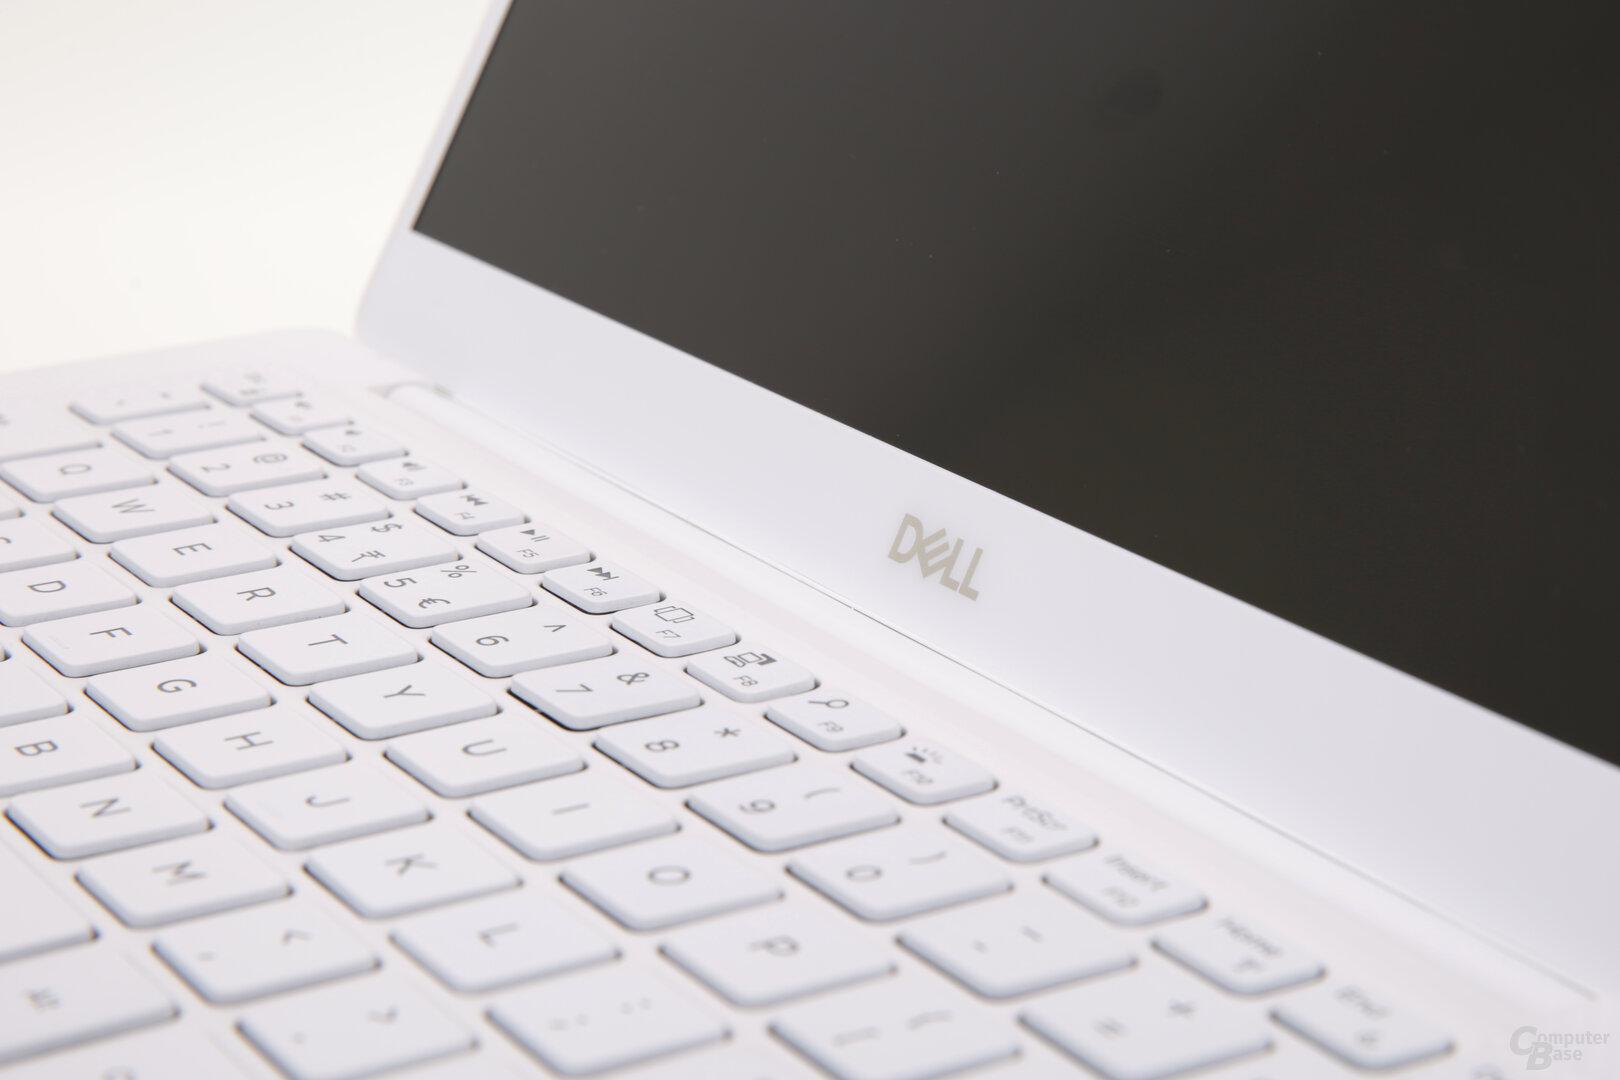 Dell-Logo statt Windows-Hello-Kamera wie noch beim 9370